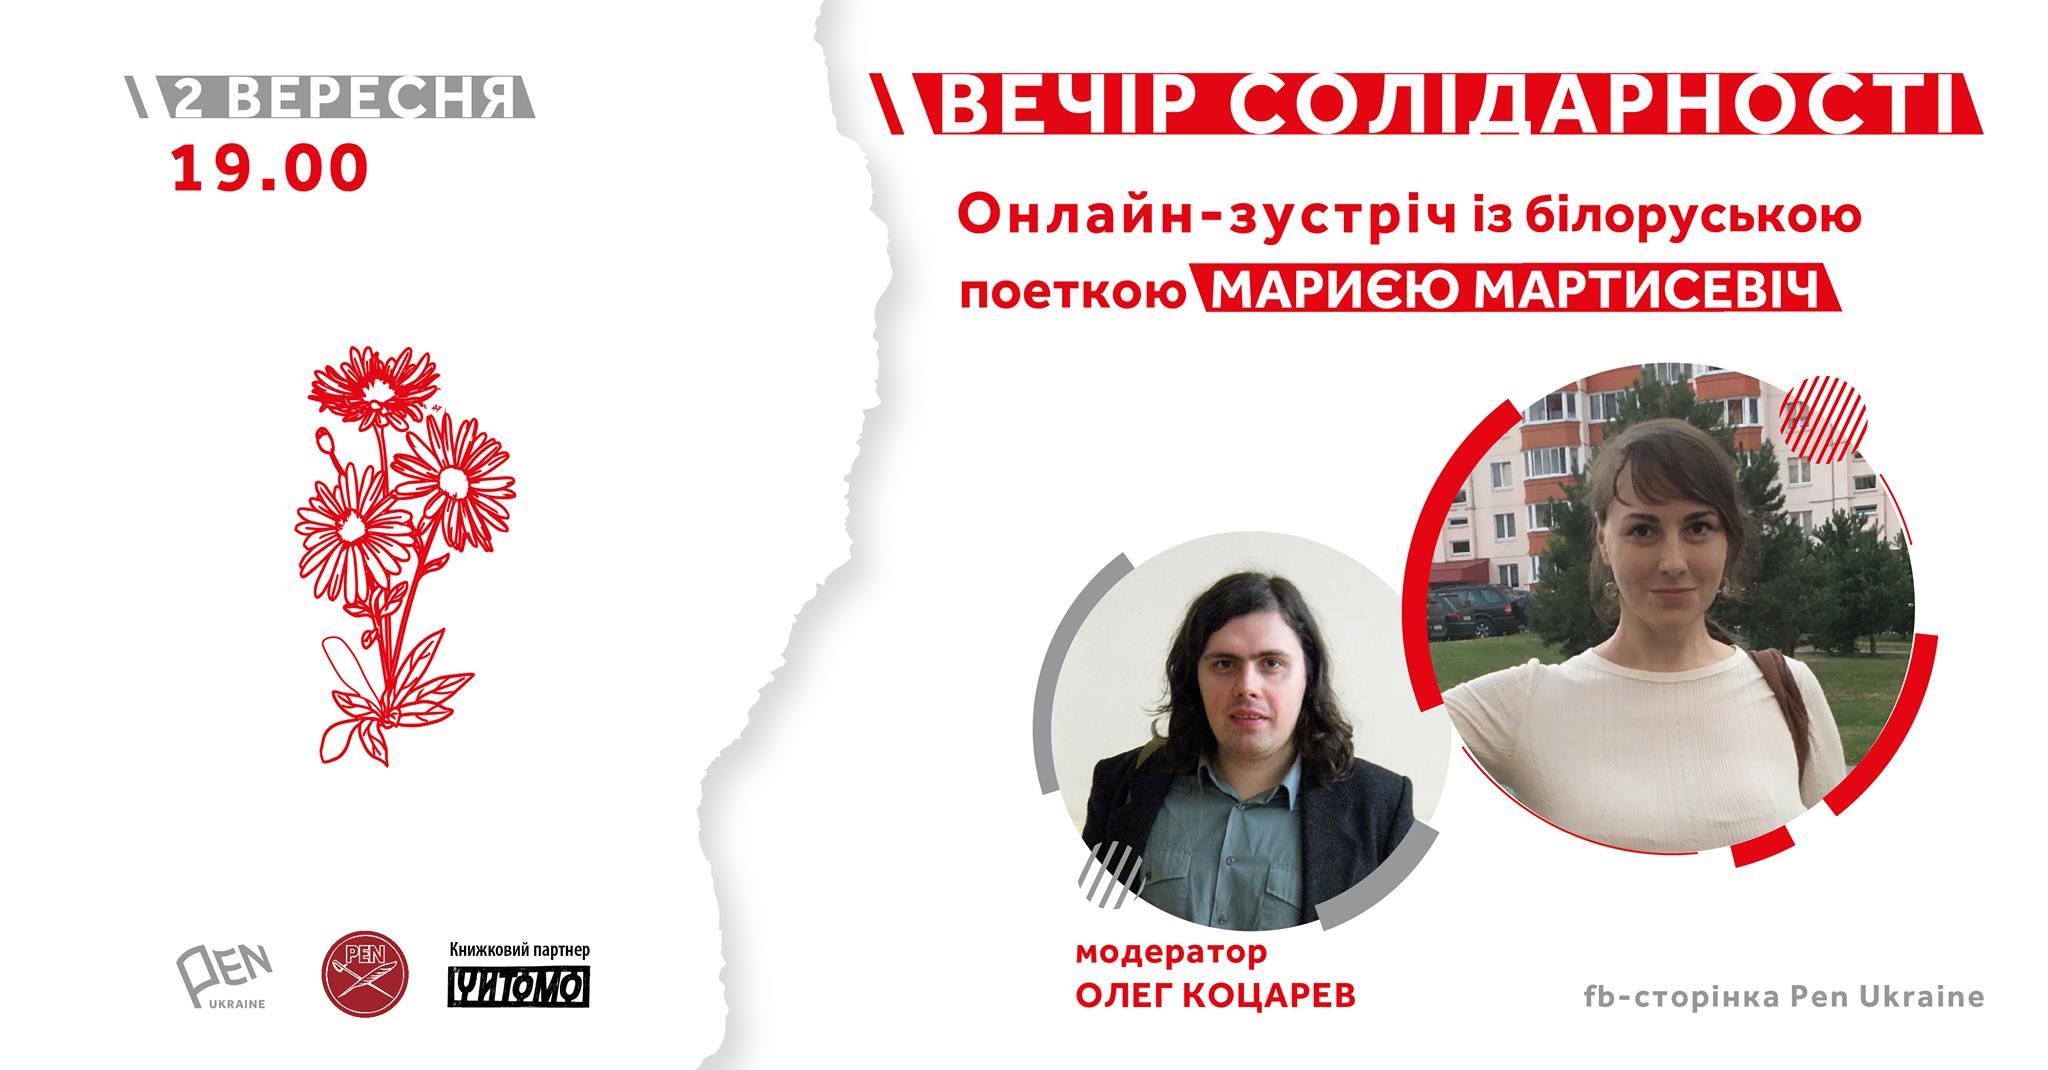 Мария Мартисевіч